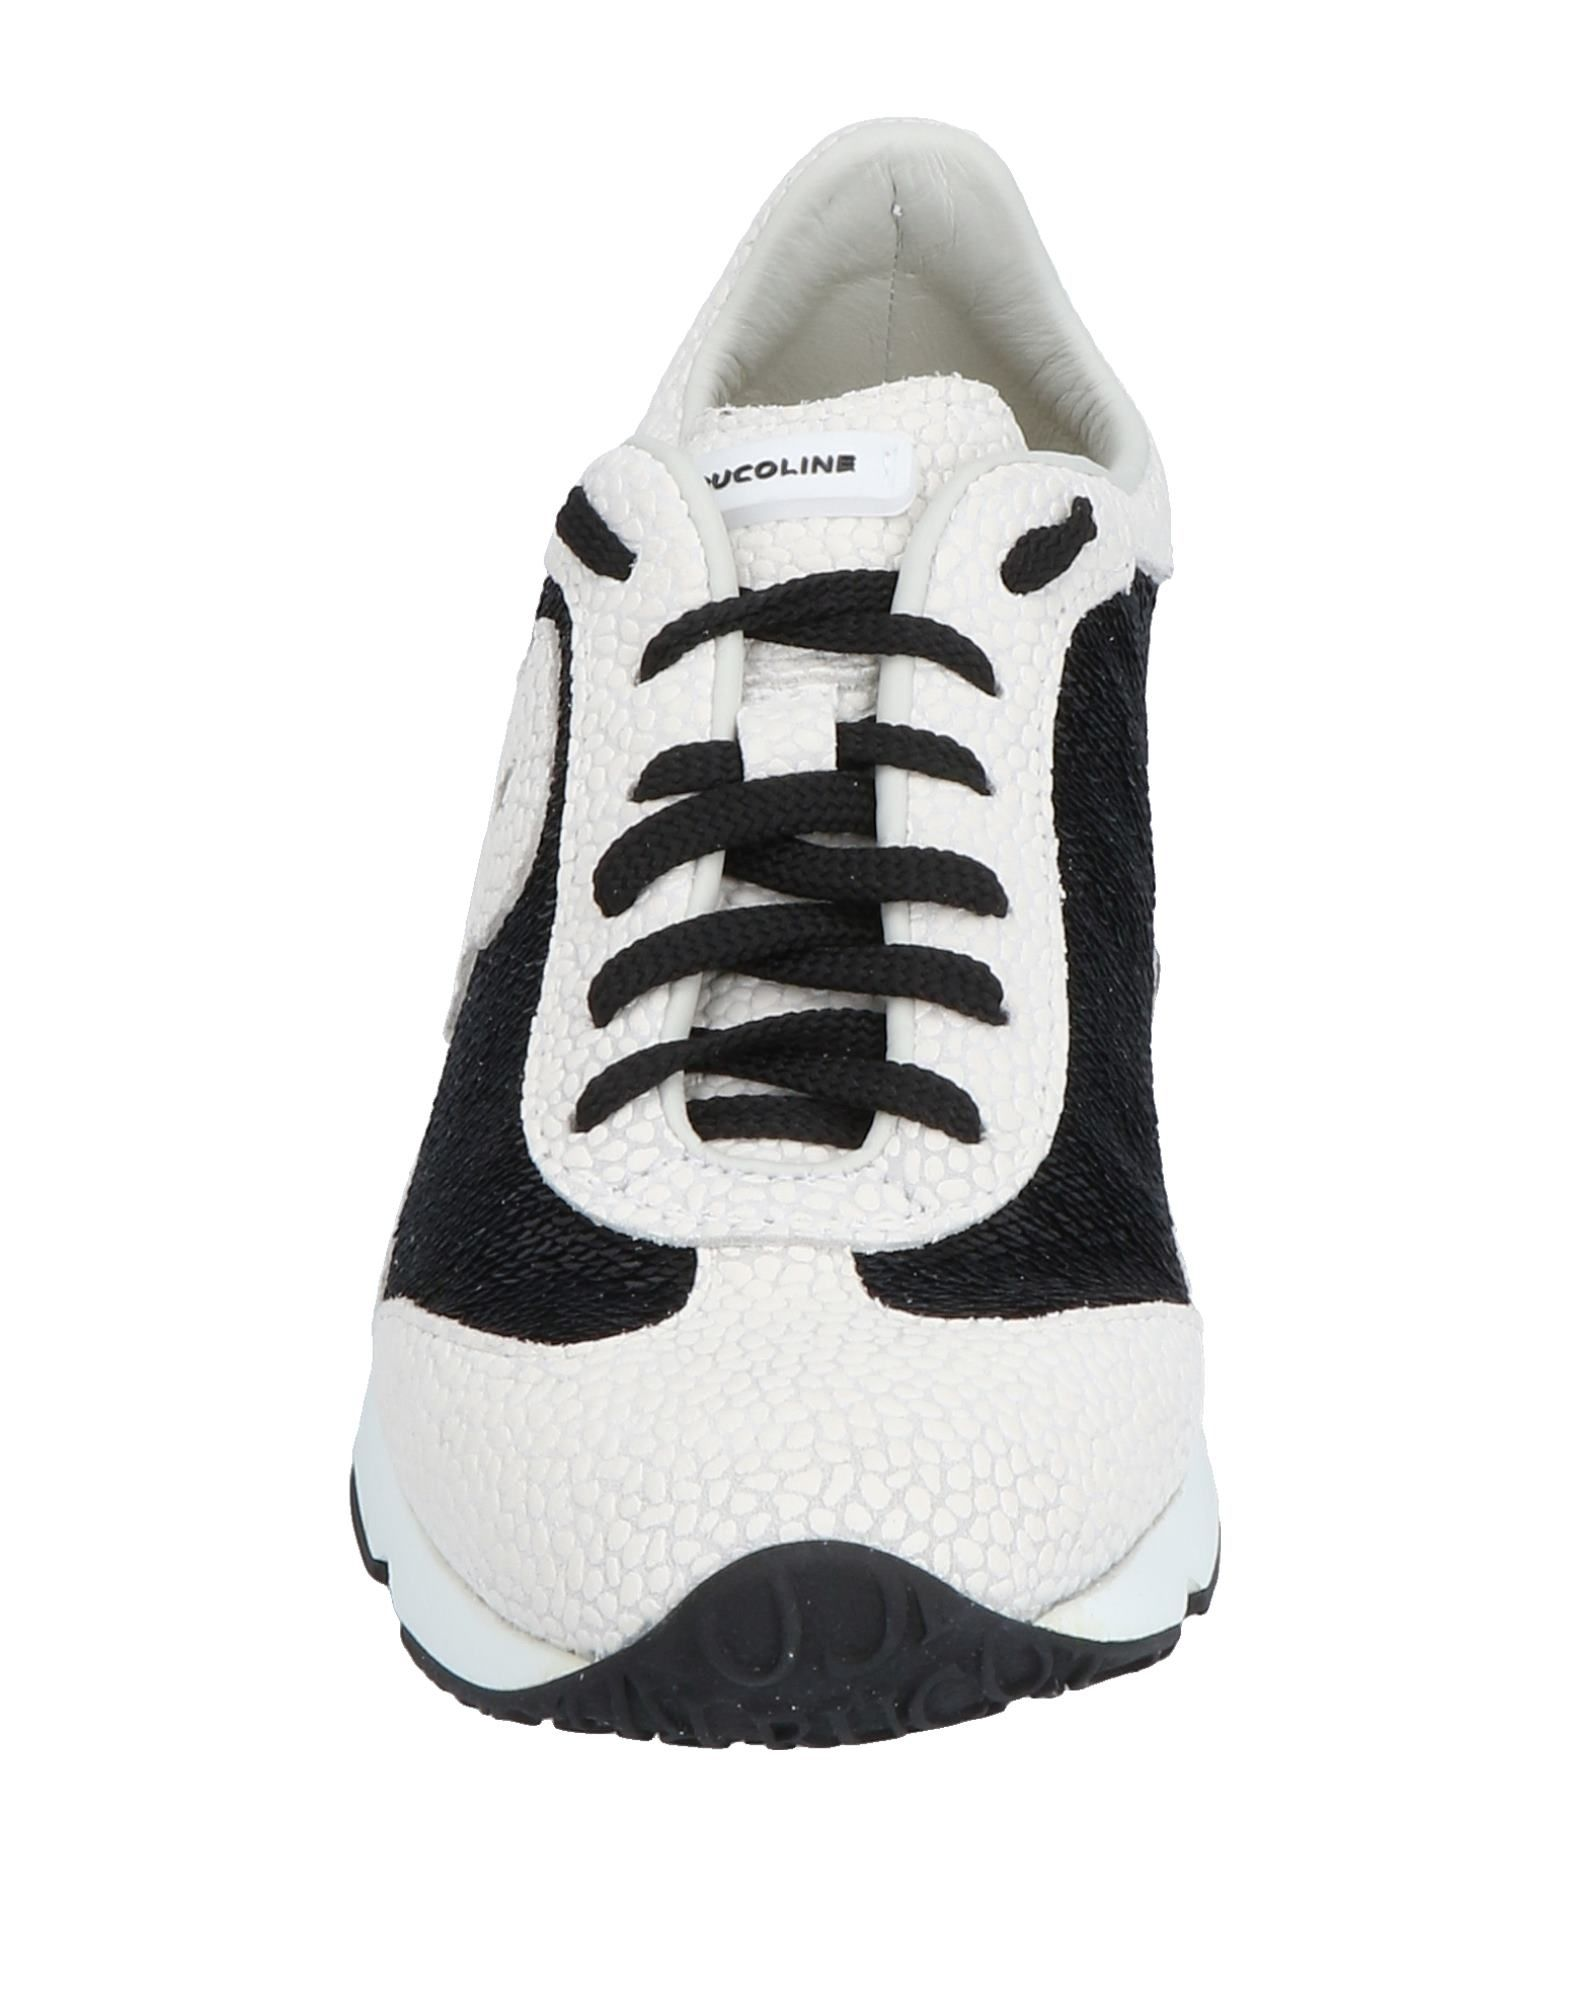 Gut um billige Schuhe zu  tragenRuco Line Sneakers Damen  zu 11492167AX 6e2554